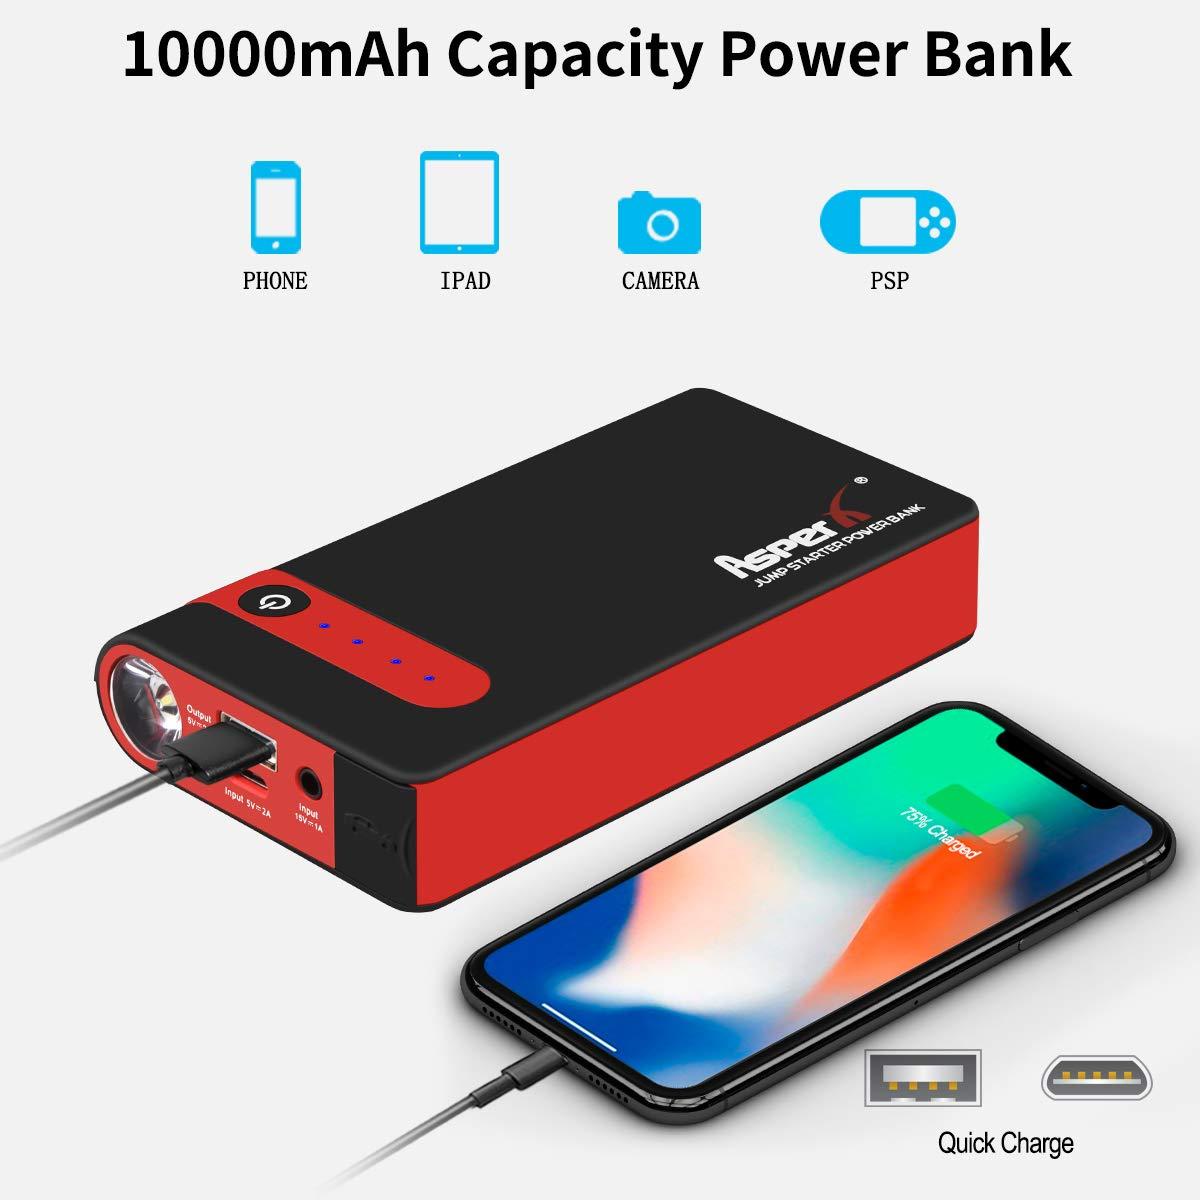 Paquete de energ/ía port/átil para autom/óvil de 12V con Carga r/ápida 500A Peak 10000mAh Arranque Bater/ía hasta 4.5L de Gas, 2.5L Motores Diesel Puerto USB y Linterna LED AsperX Arrancador de Coche